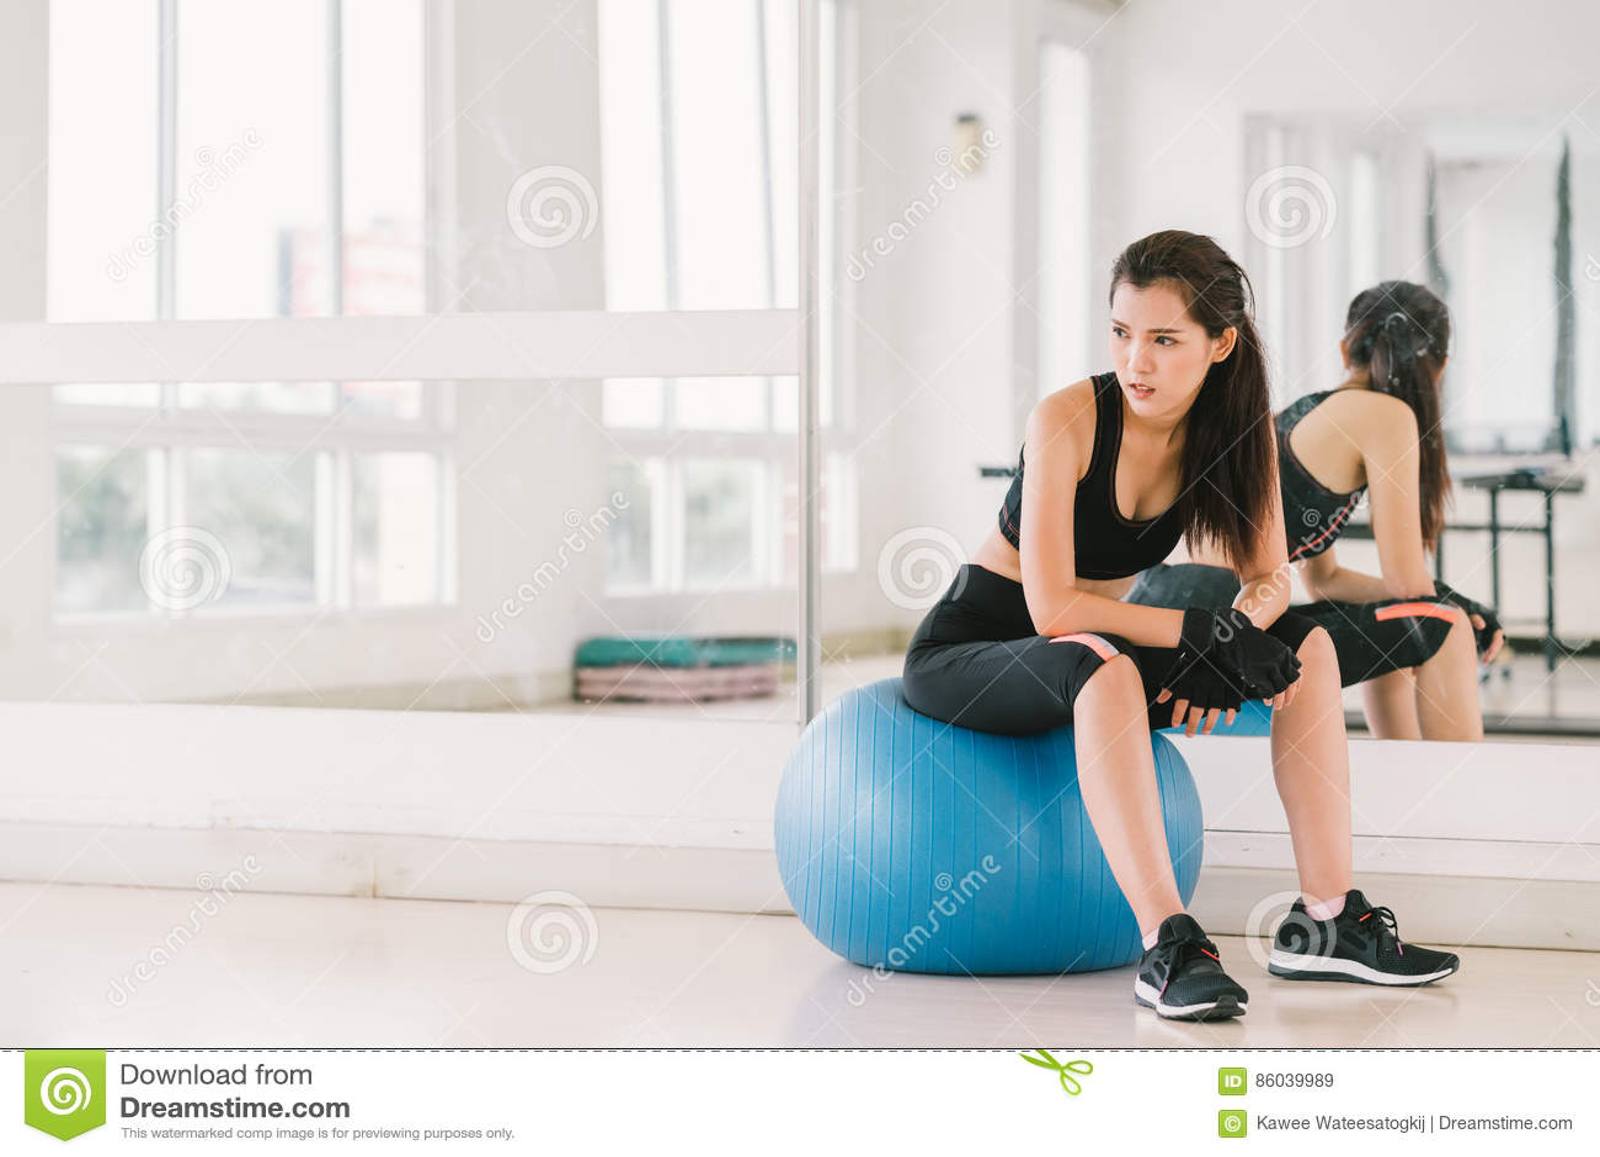 健身球的年轻和坚定的性感的亚裔女孩在与拷贝空间、体育和健康生活方式概念的健身房